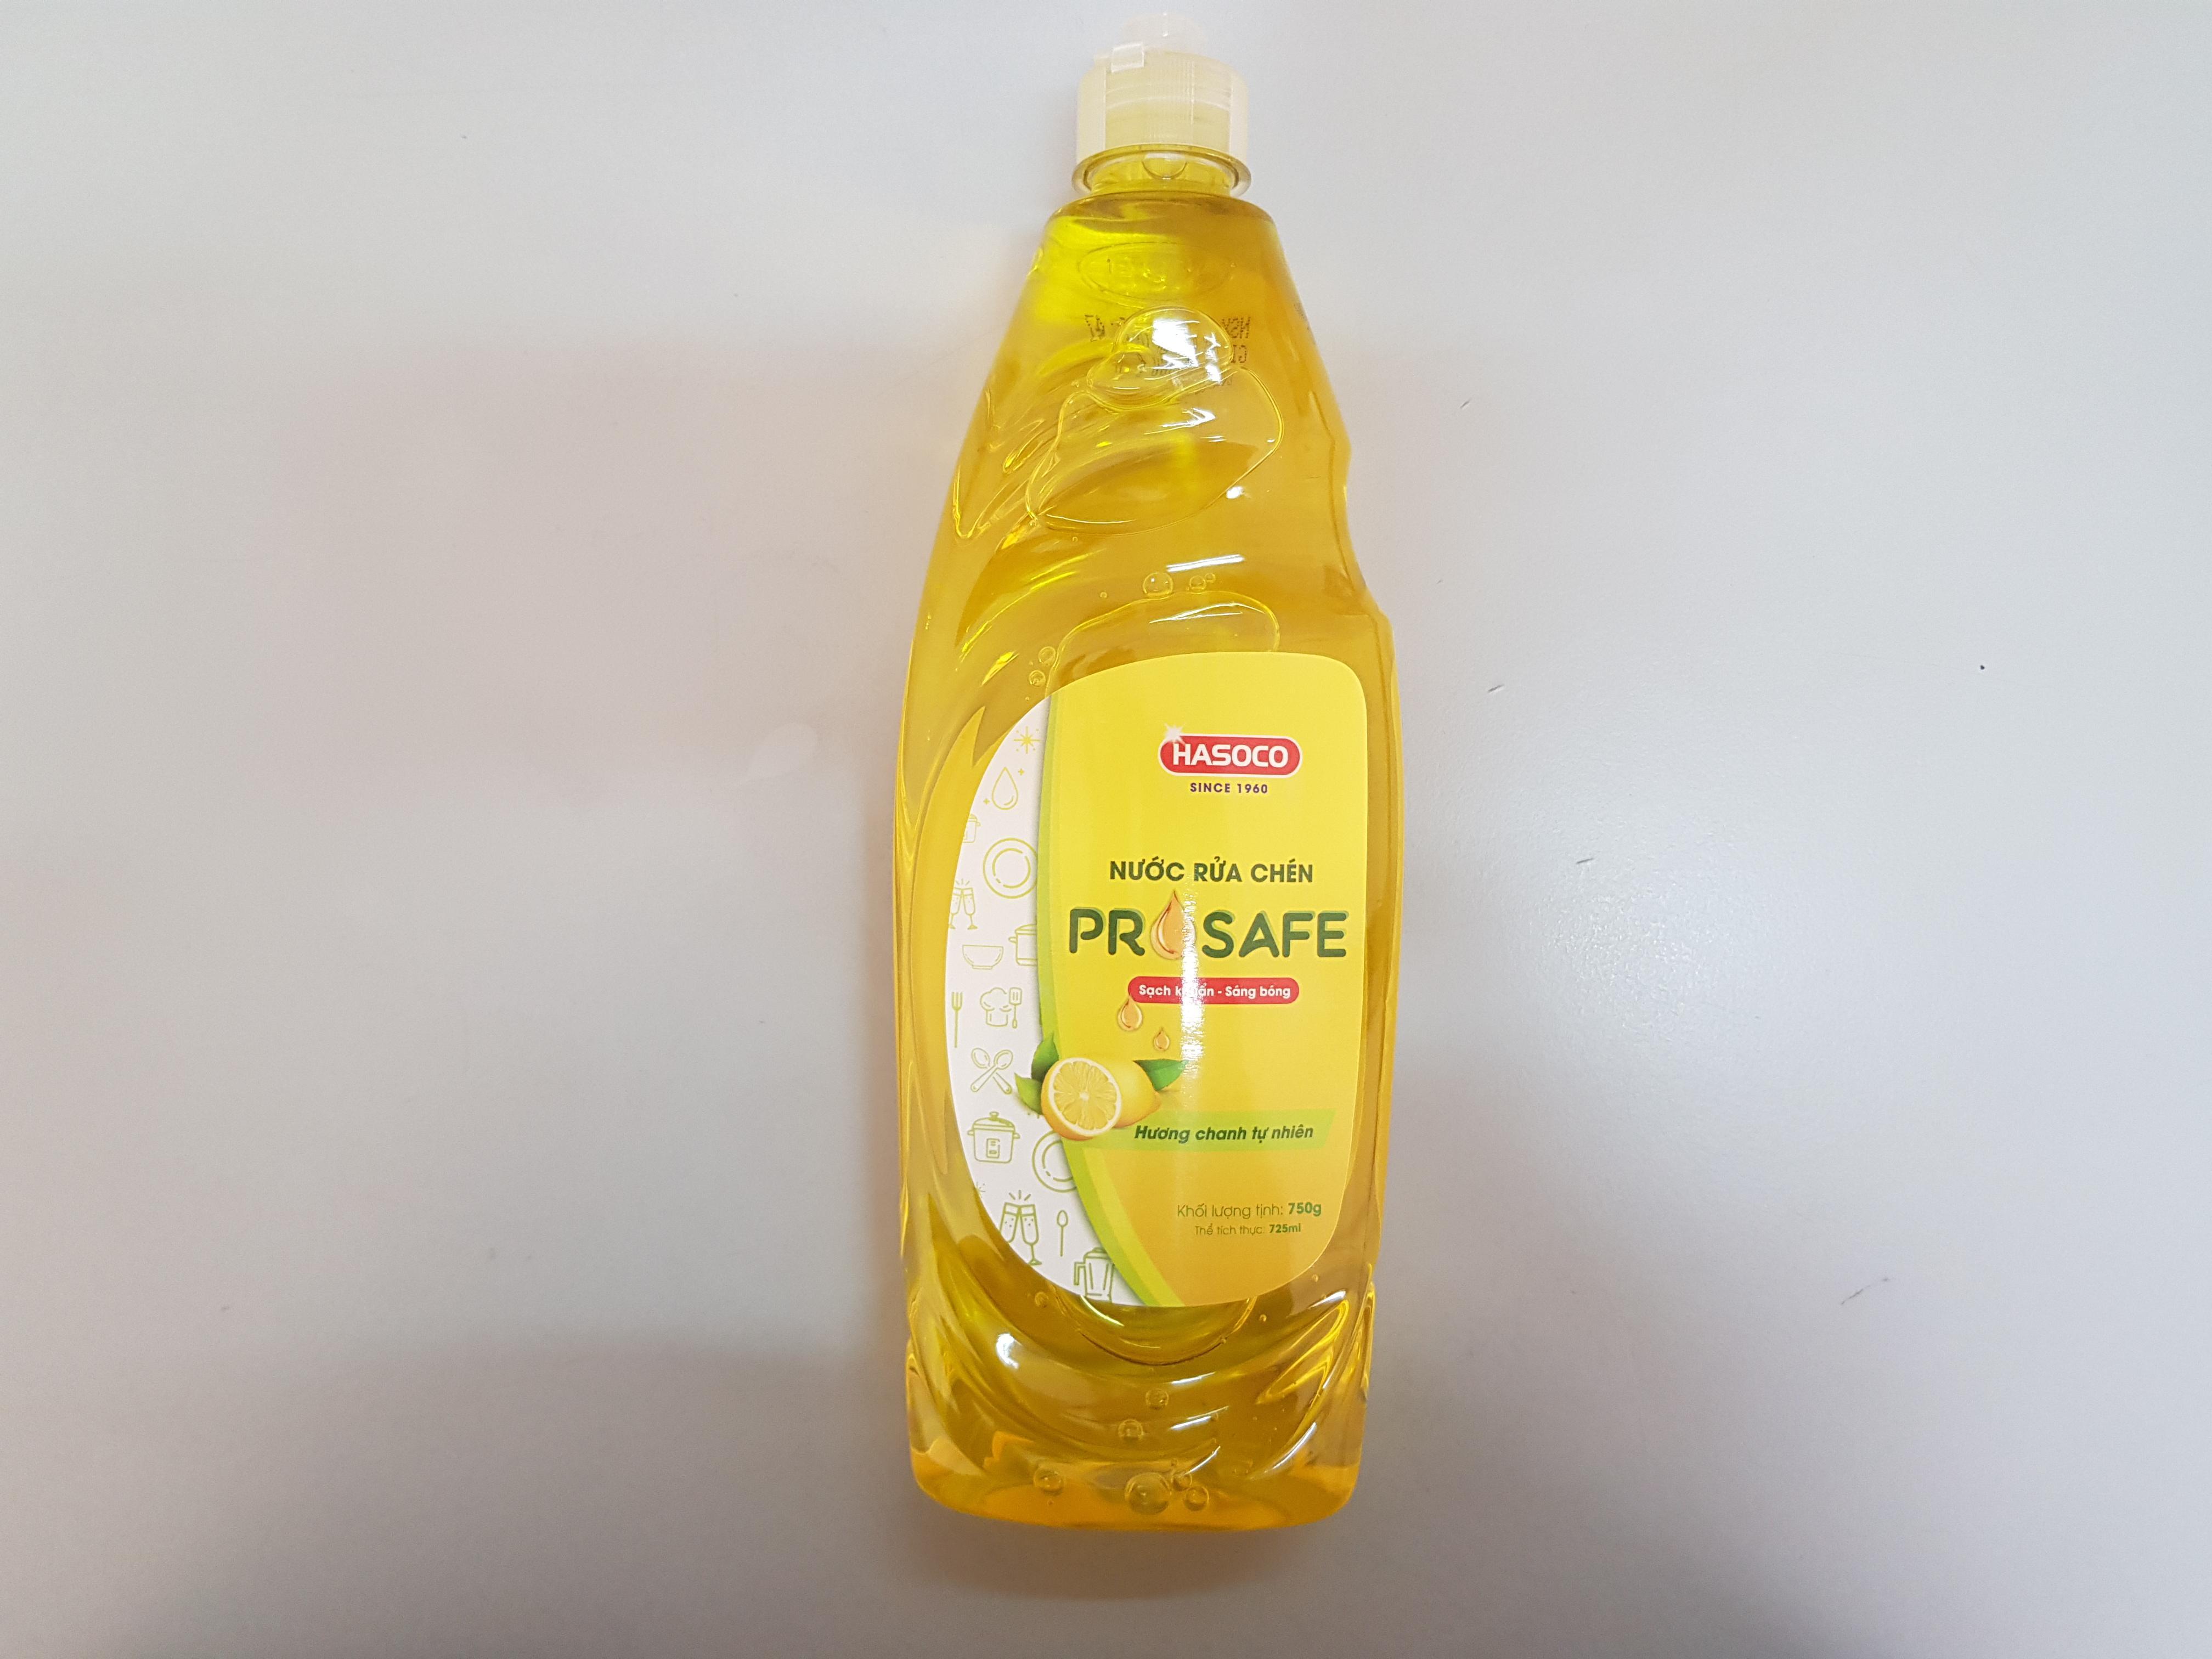 NƯỚC RỬA CHÉN PROSAFE 750g